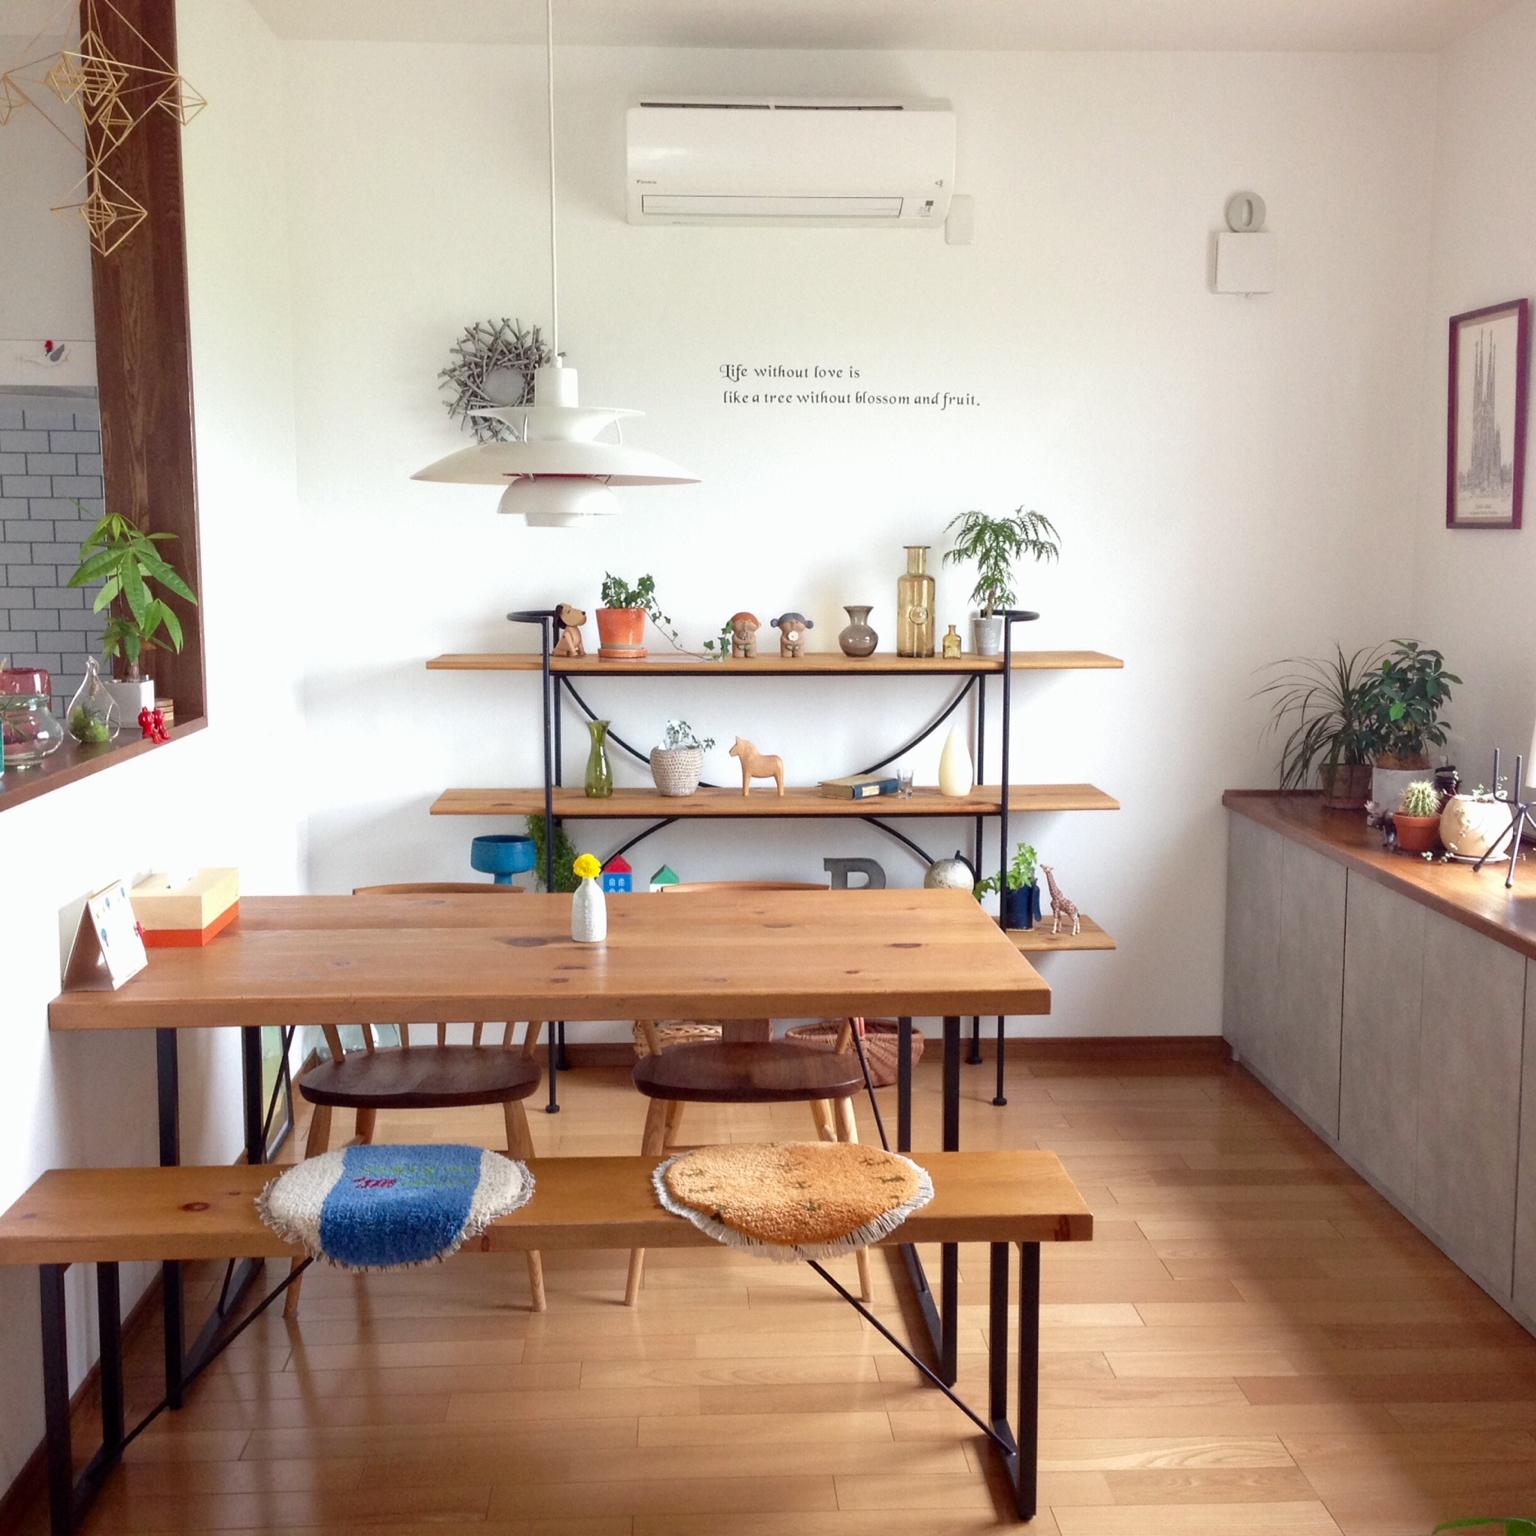 お家はギャラリー♪大好きな北欧雑貨を飾って楽しむヒント | RoomClip mag | 暮らしとインテリアのwebマガジン